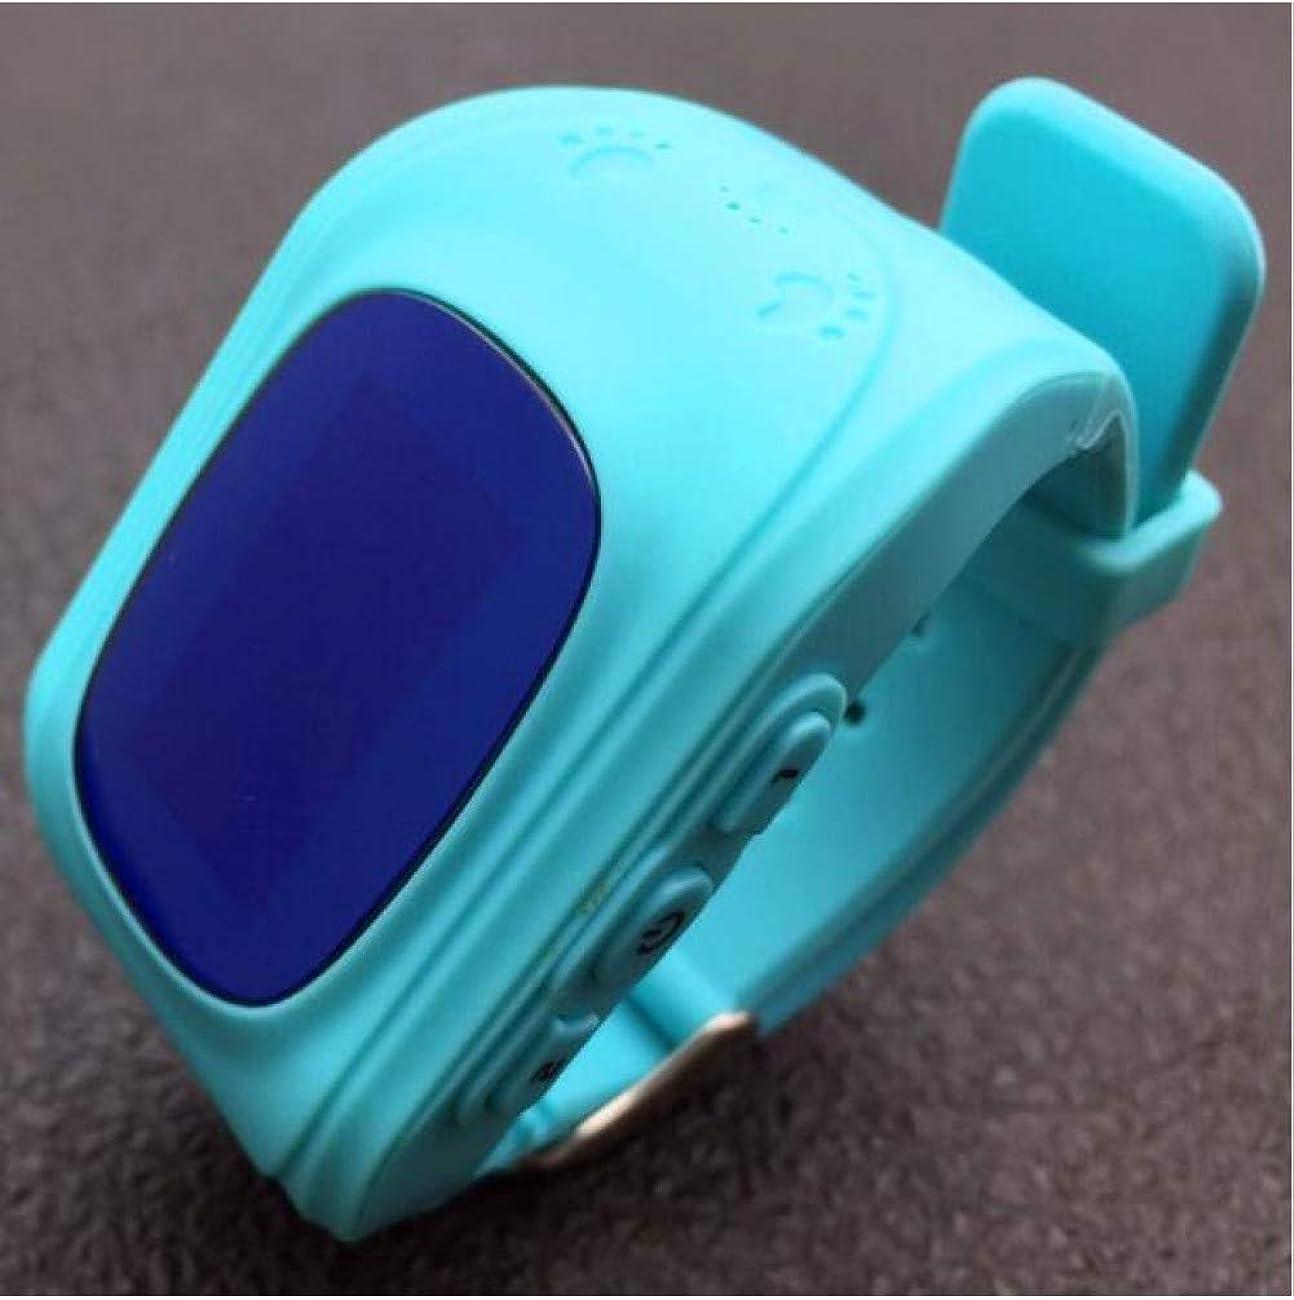 SZPZC GPS para Niños Smart Watch Q50 Anti-Perdida Smartwatch Sos Localizador De Localización De Llamadas Soporte 2G Hora De Reloj De La Tarjeta Sim para Niños Regalo para Niños,